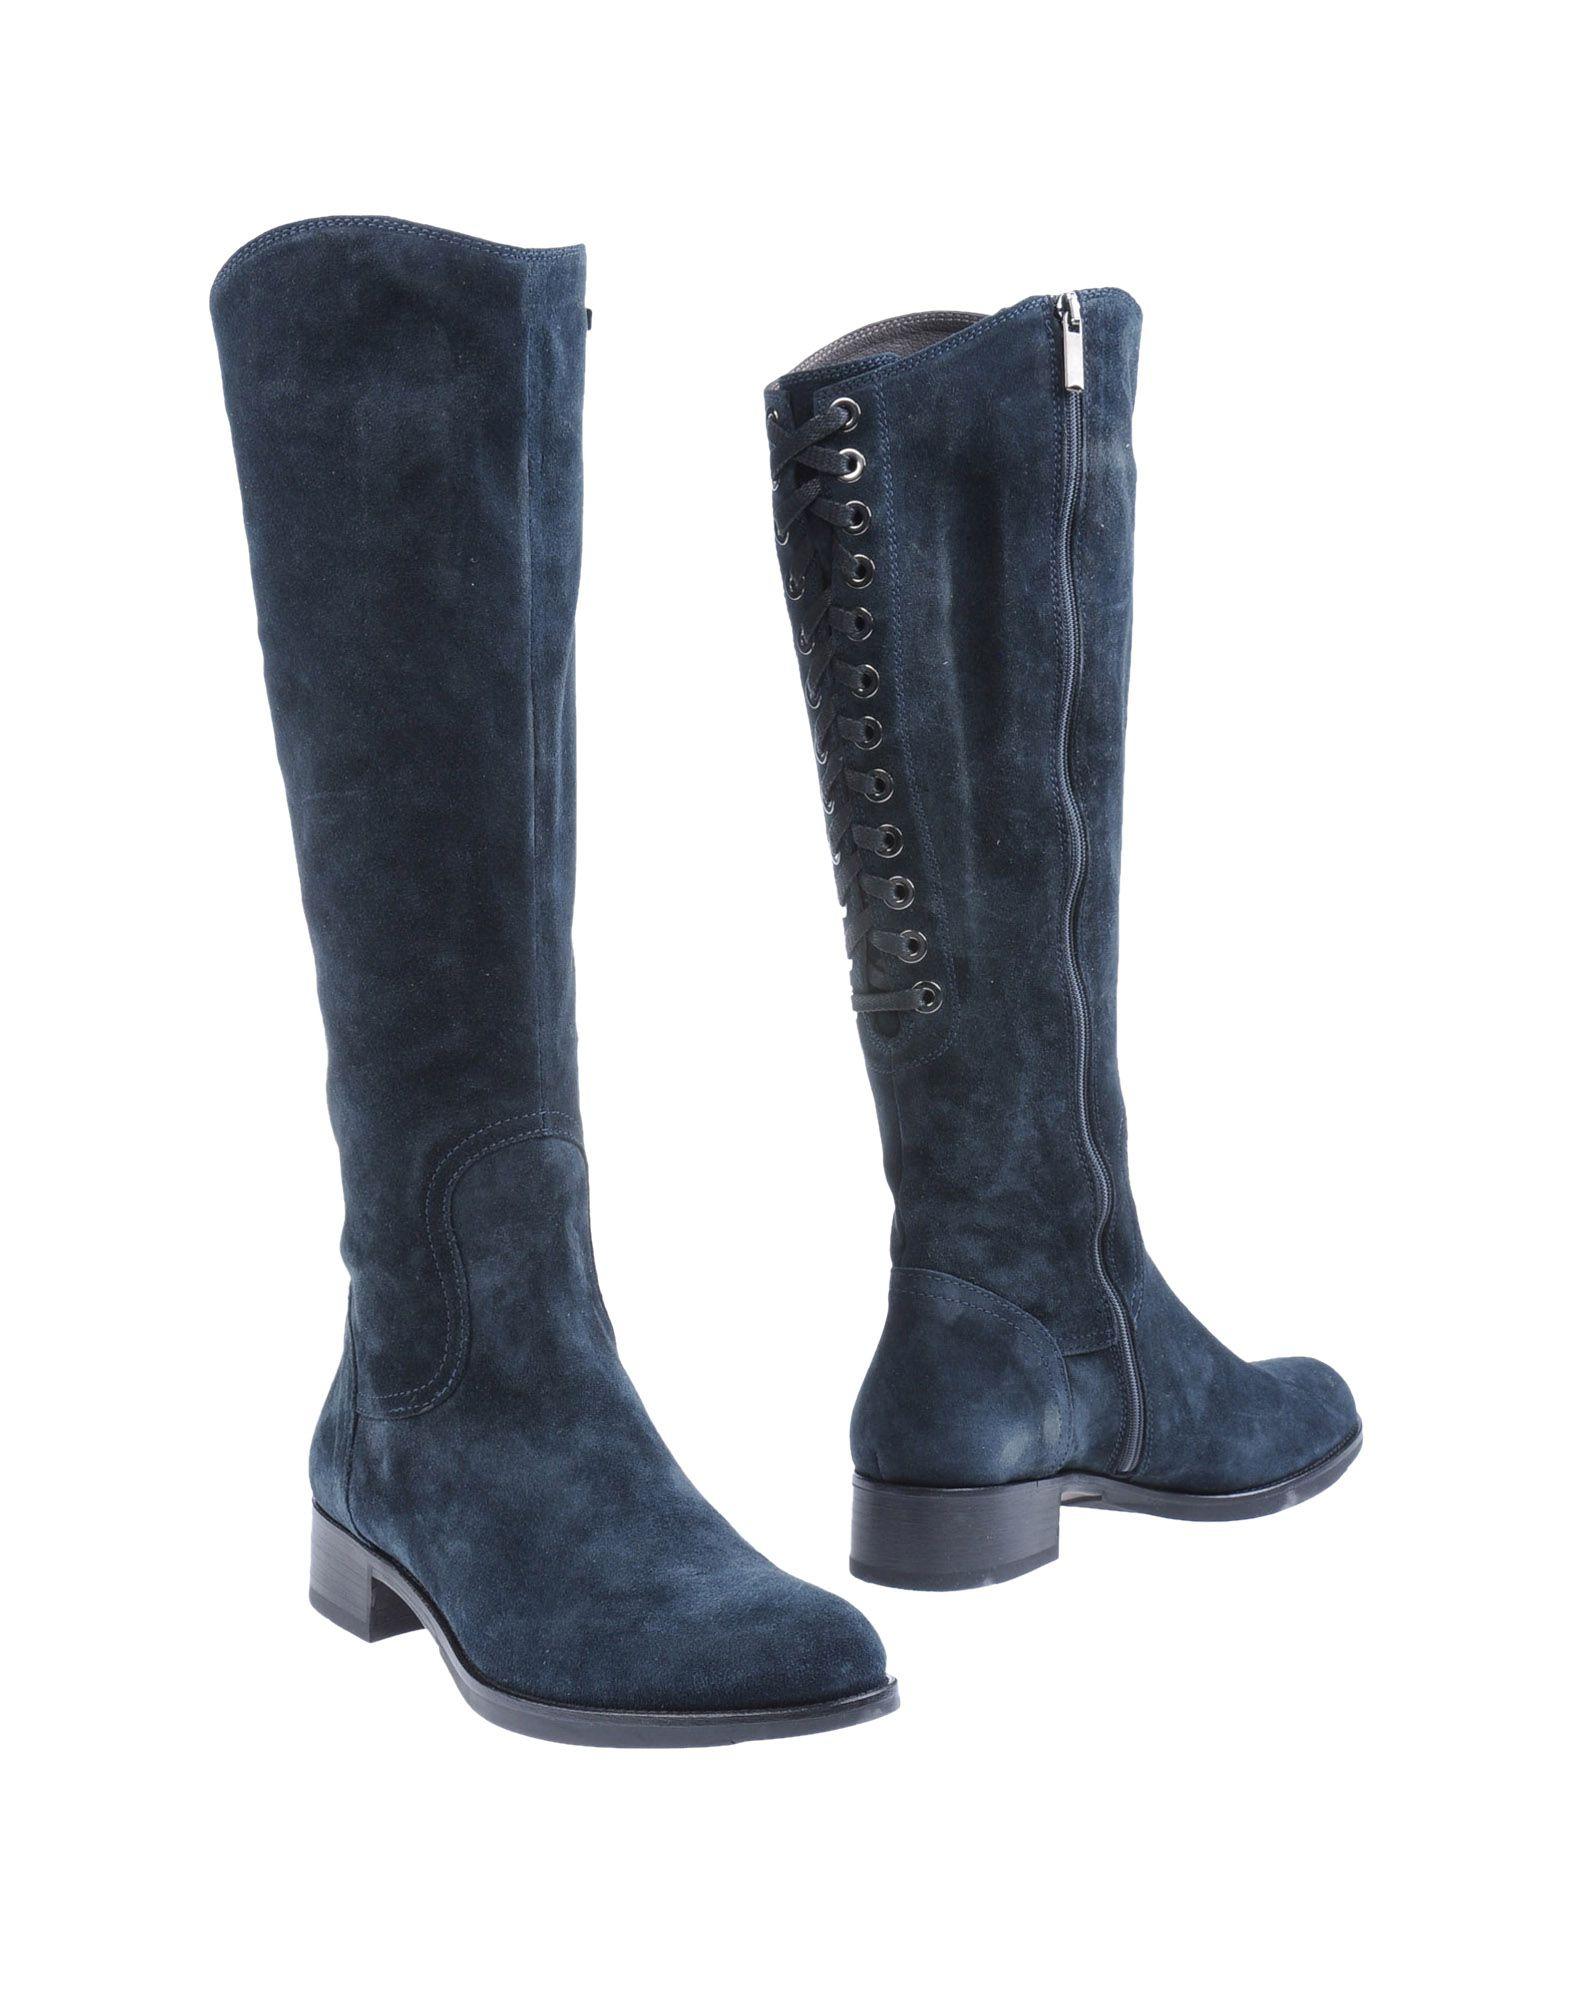 botas altas mujer azul